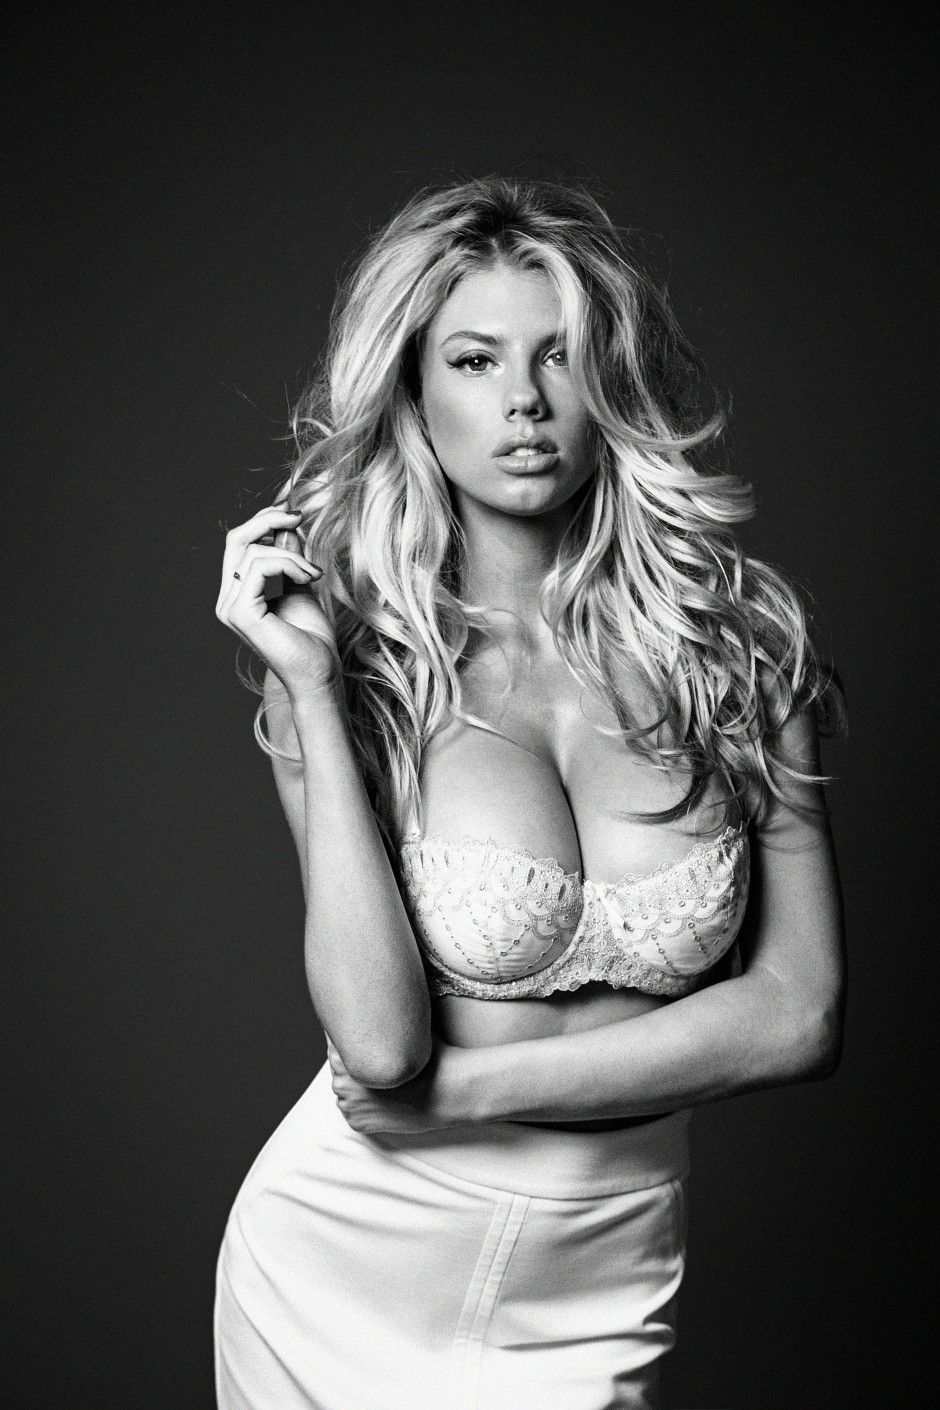 charlotte-mckinney-hottest-photos-18.jpg